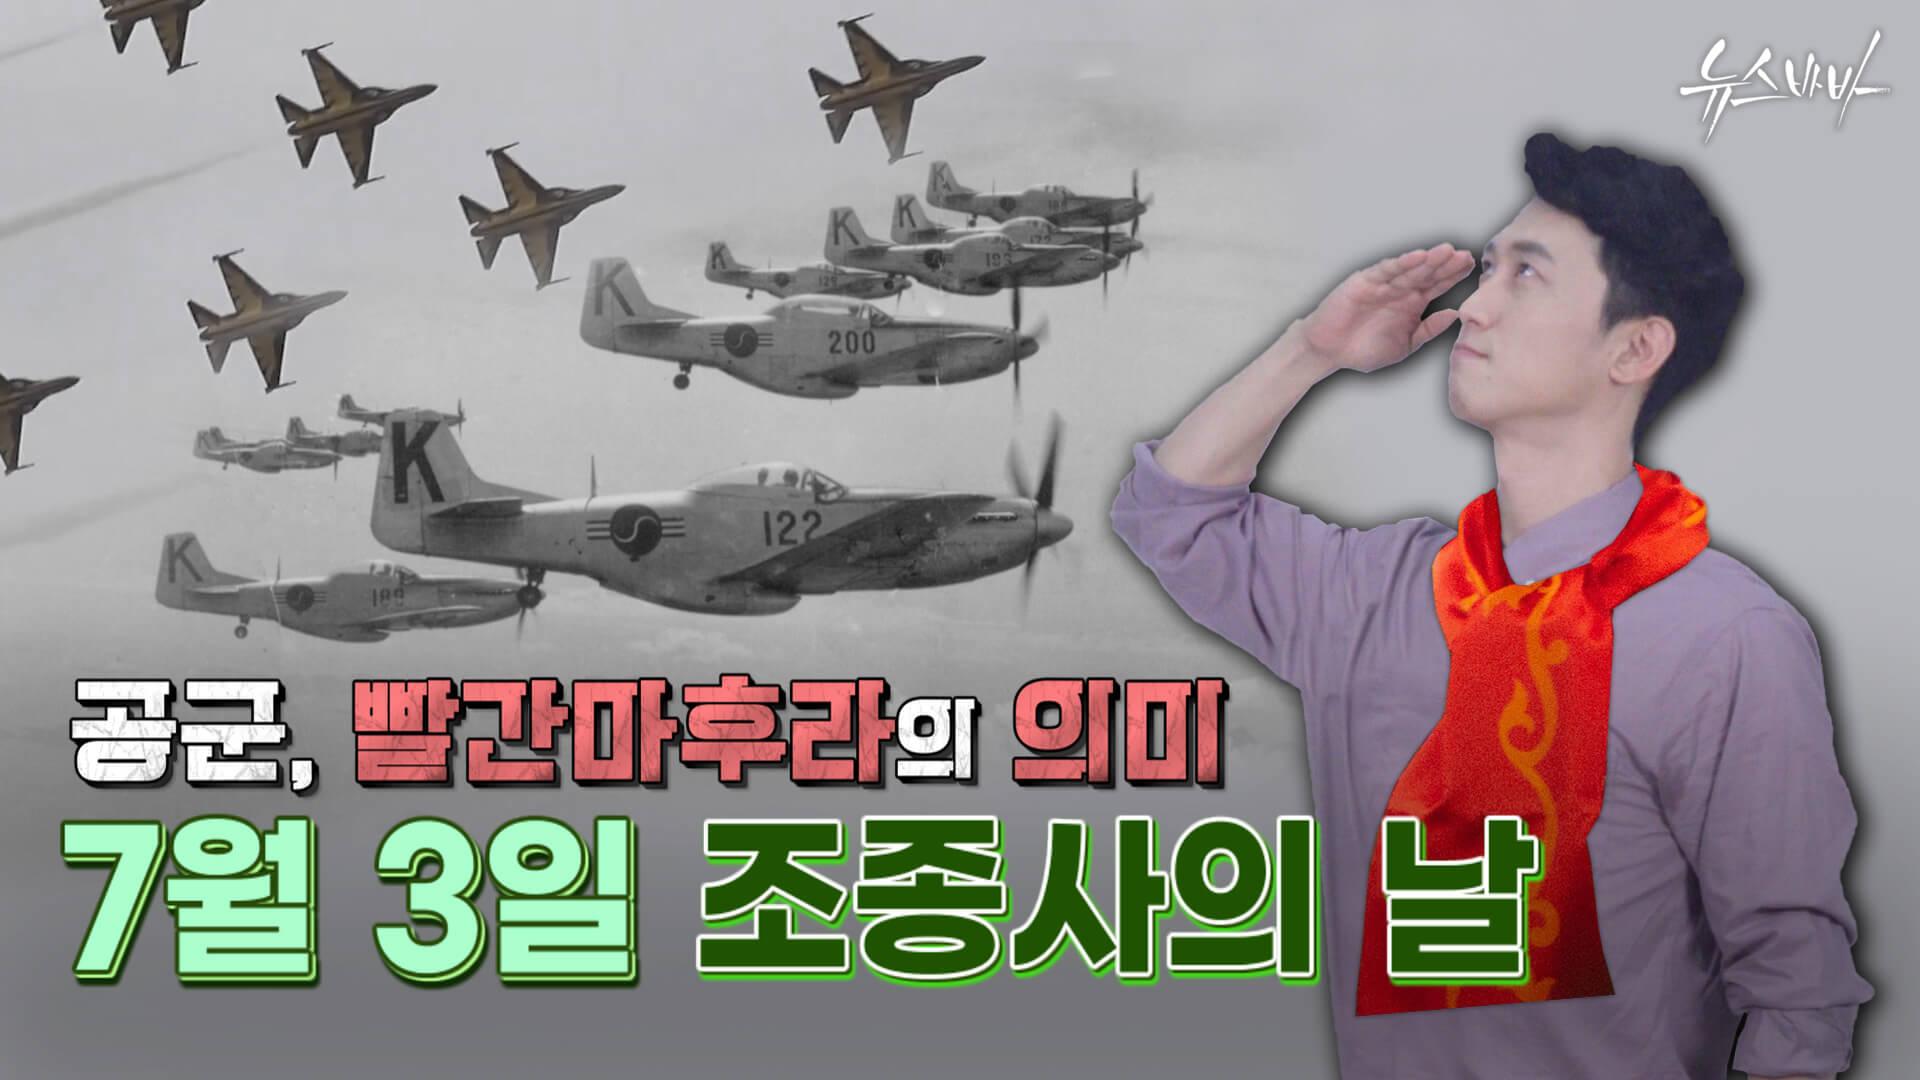 [뉴스바바] 공군, 빨간 마후라의